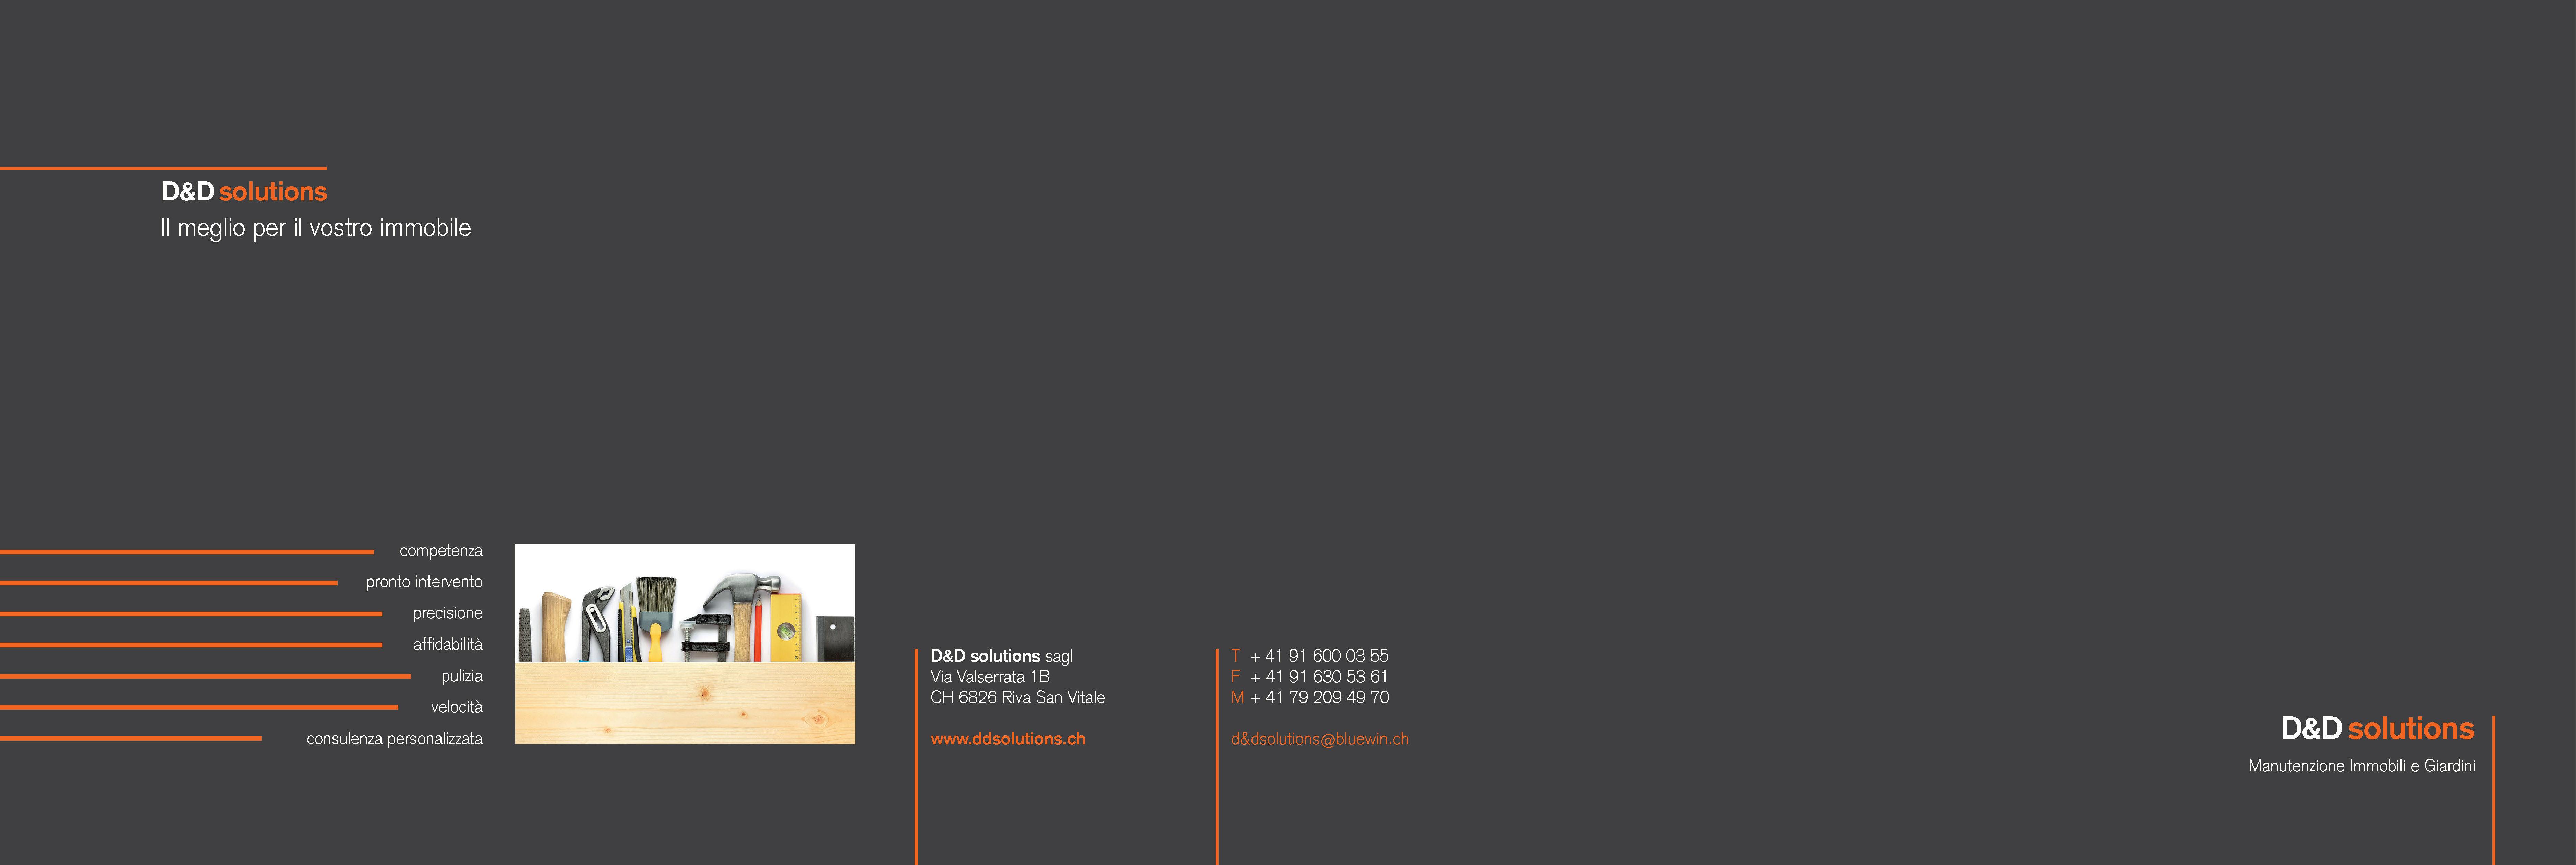 Progettazione grafica Brochure D&D Solutions